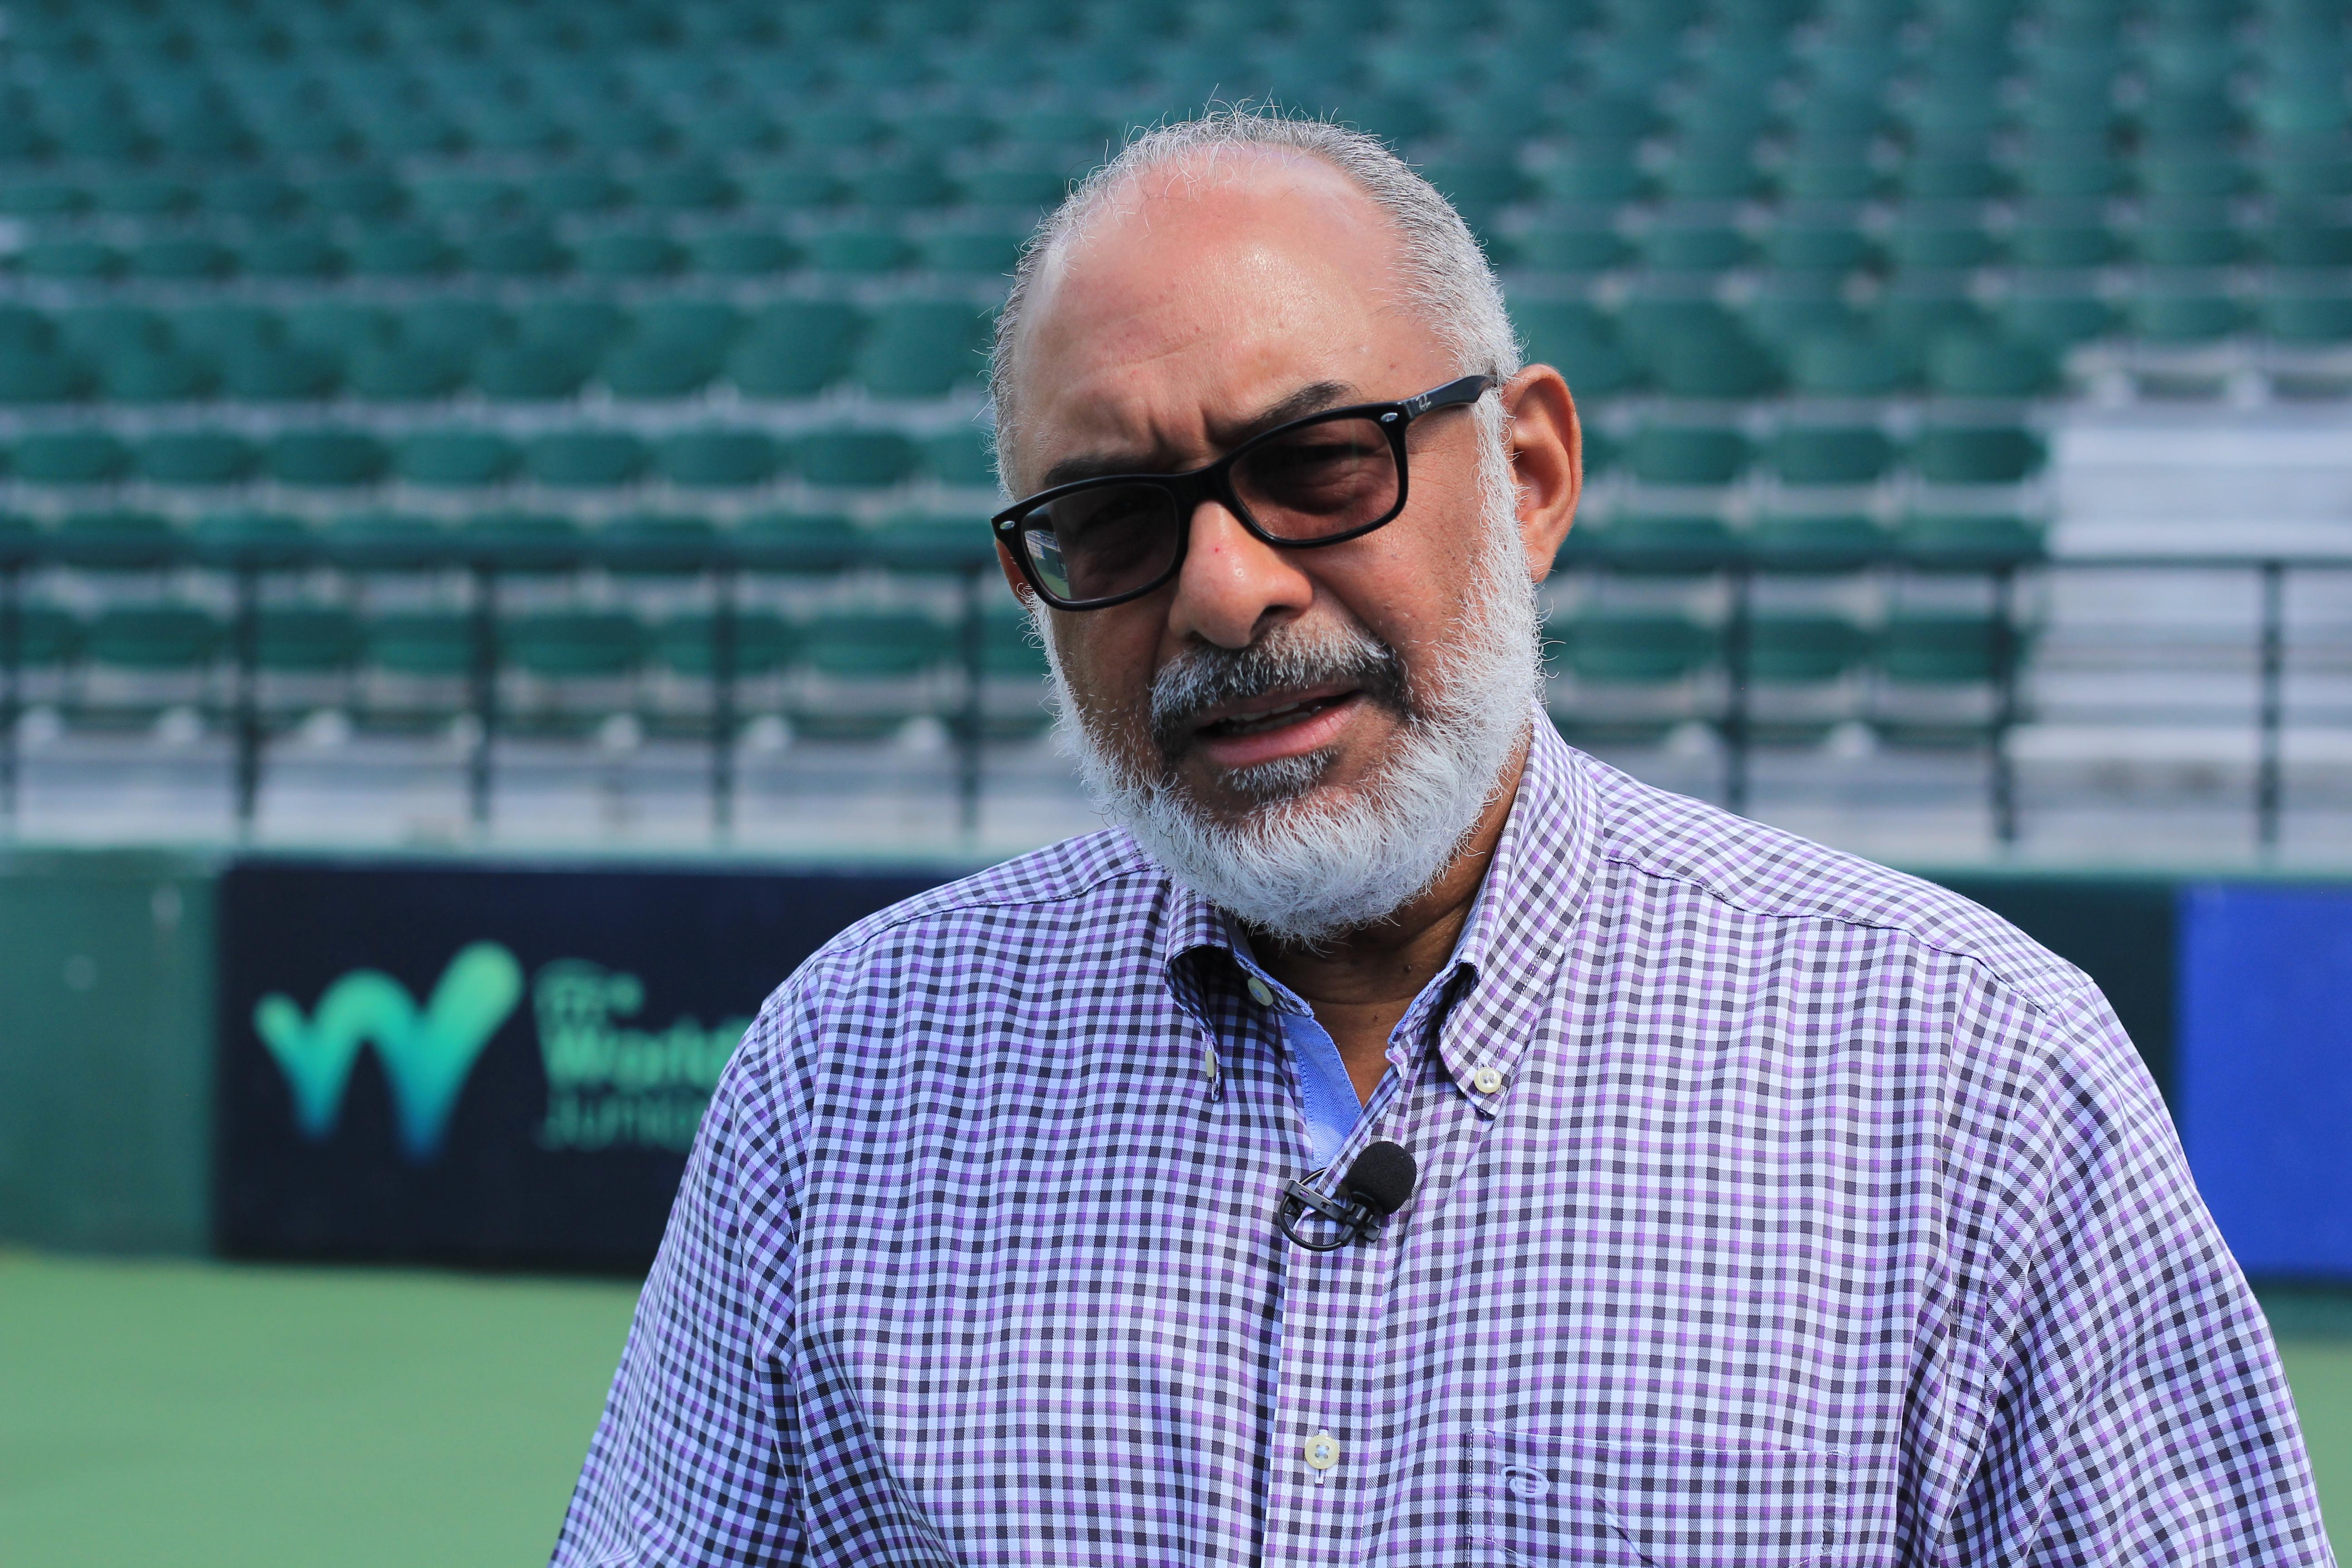 Concluidos torneos J2 serán referencia para desarrollar agenda de eventos de tenis en RD